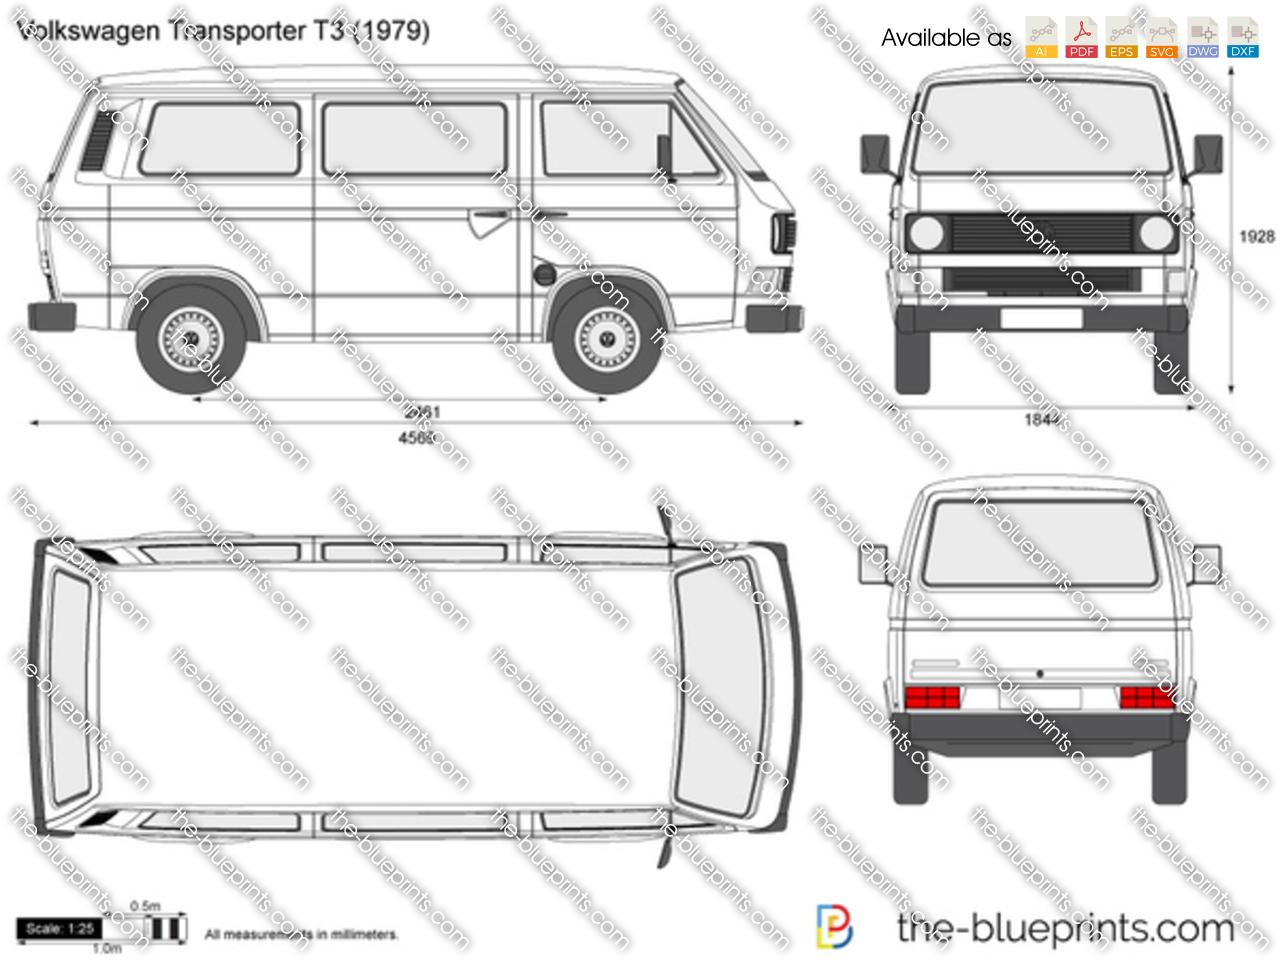 Volkswagen Transporter T3 1992